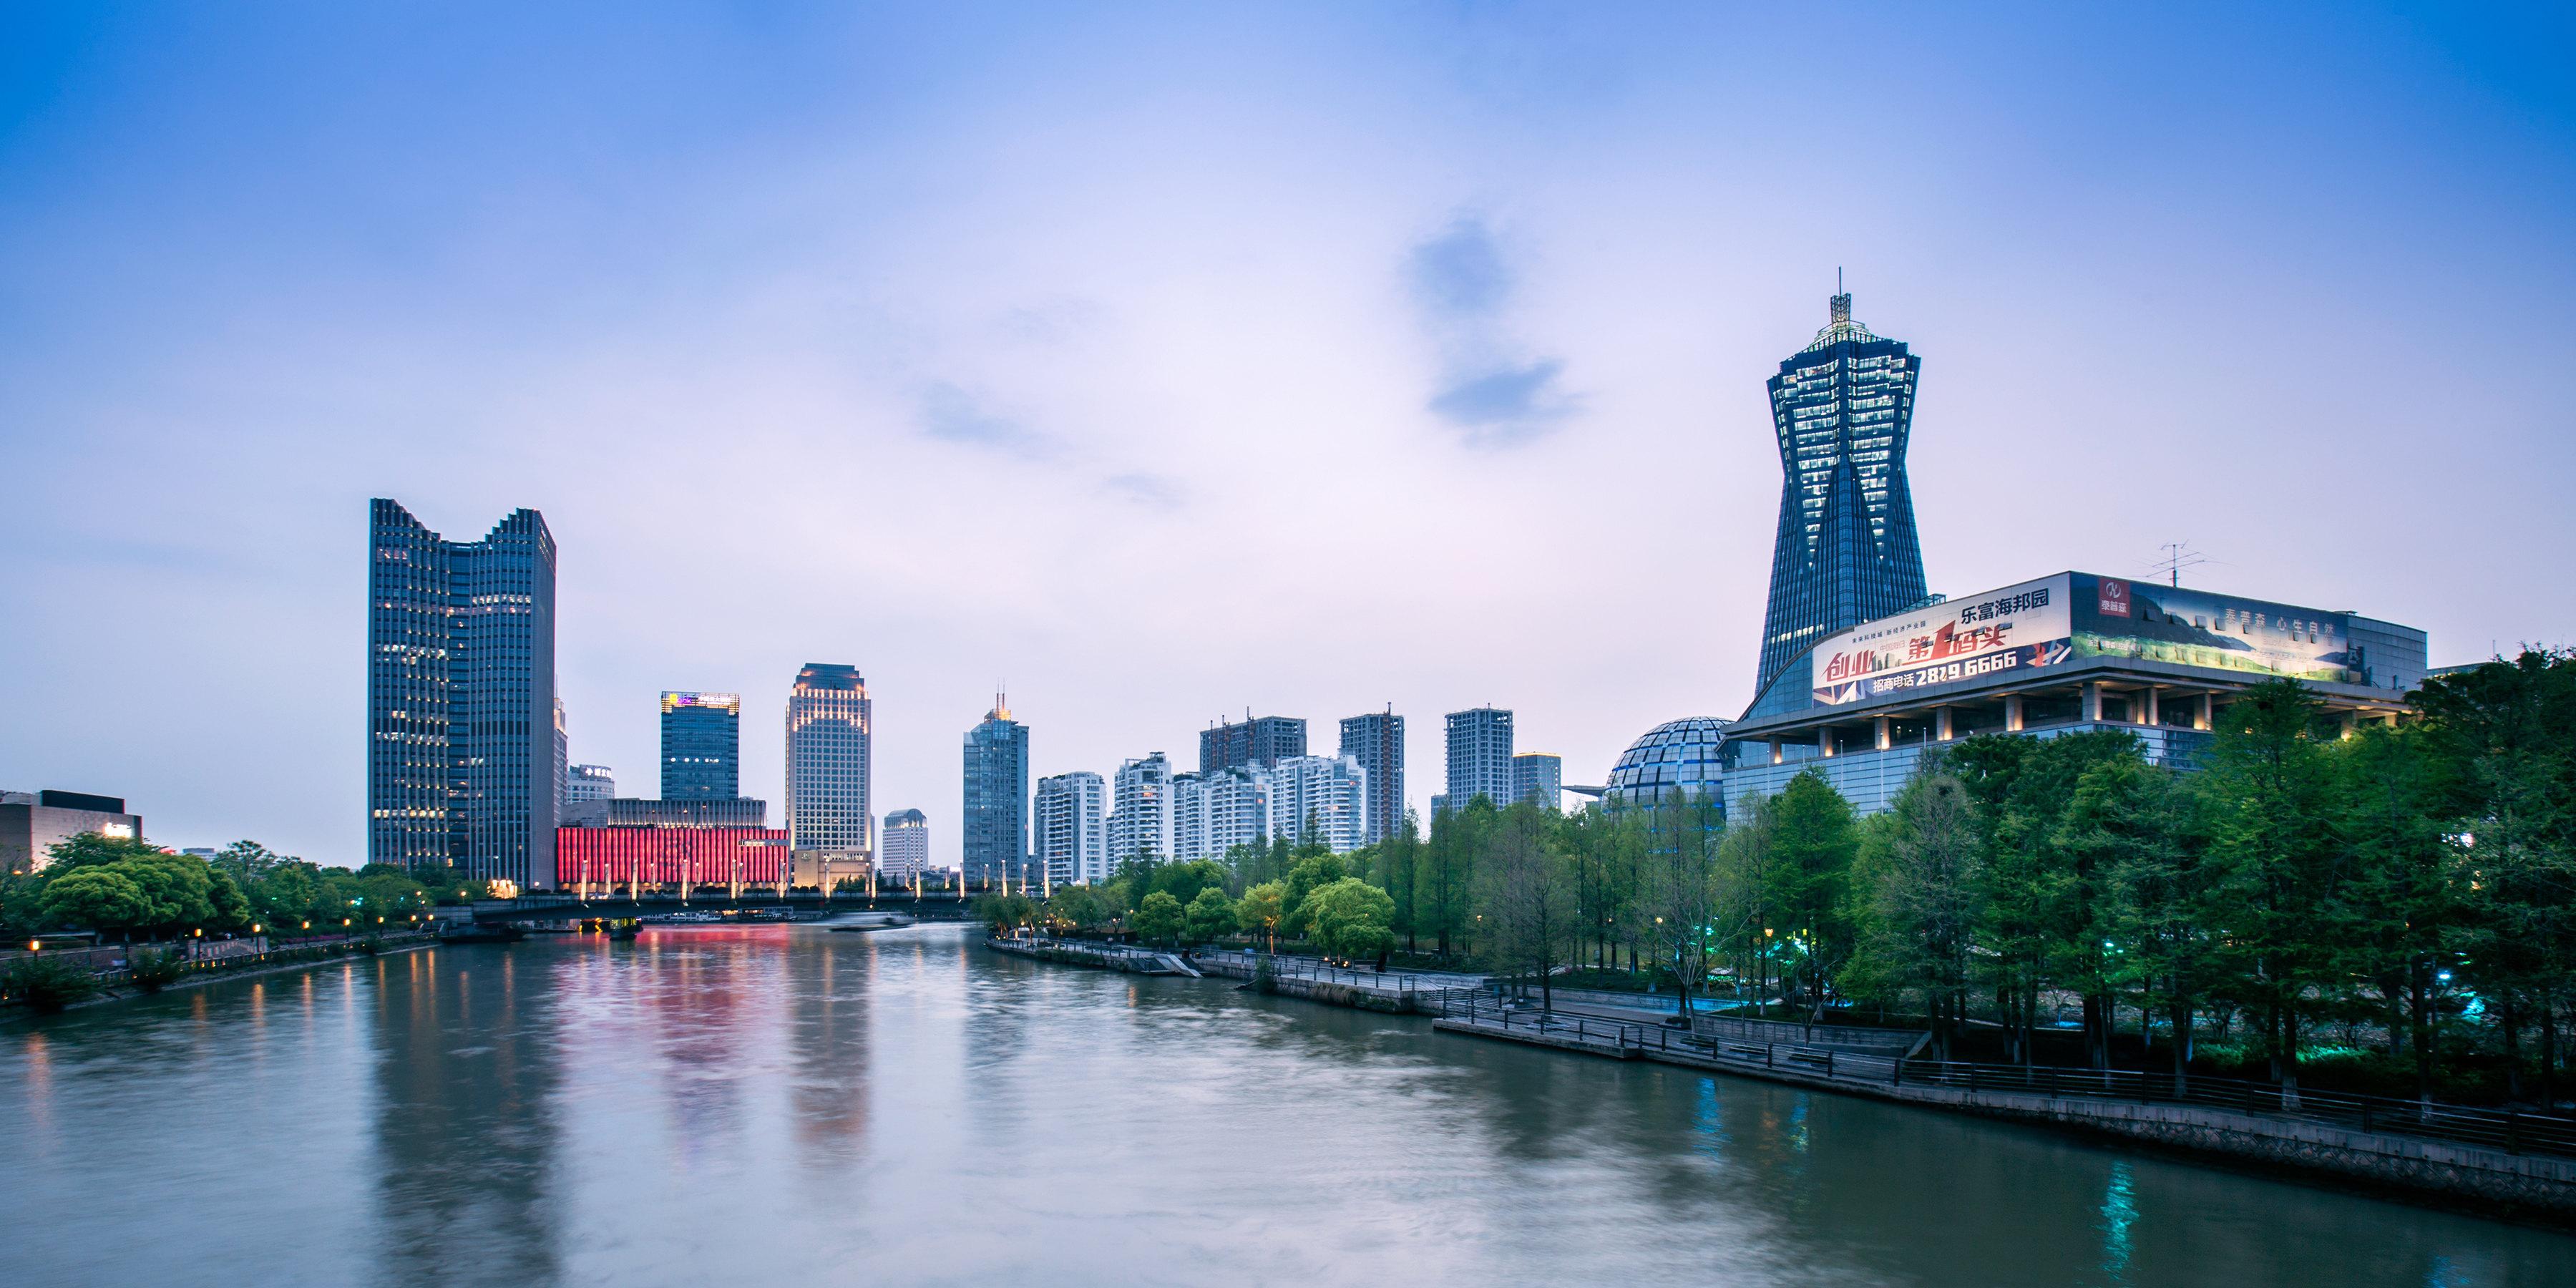 南京,苏州,王国,这三座城市,比v城市谁略胜一筹呢??仙奥比舞杭州岛攻略图片